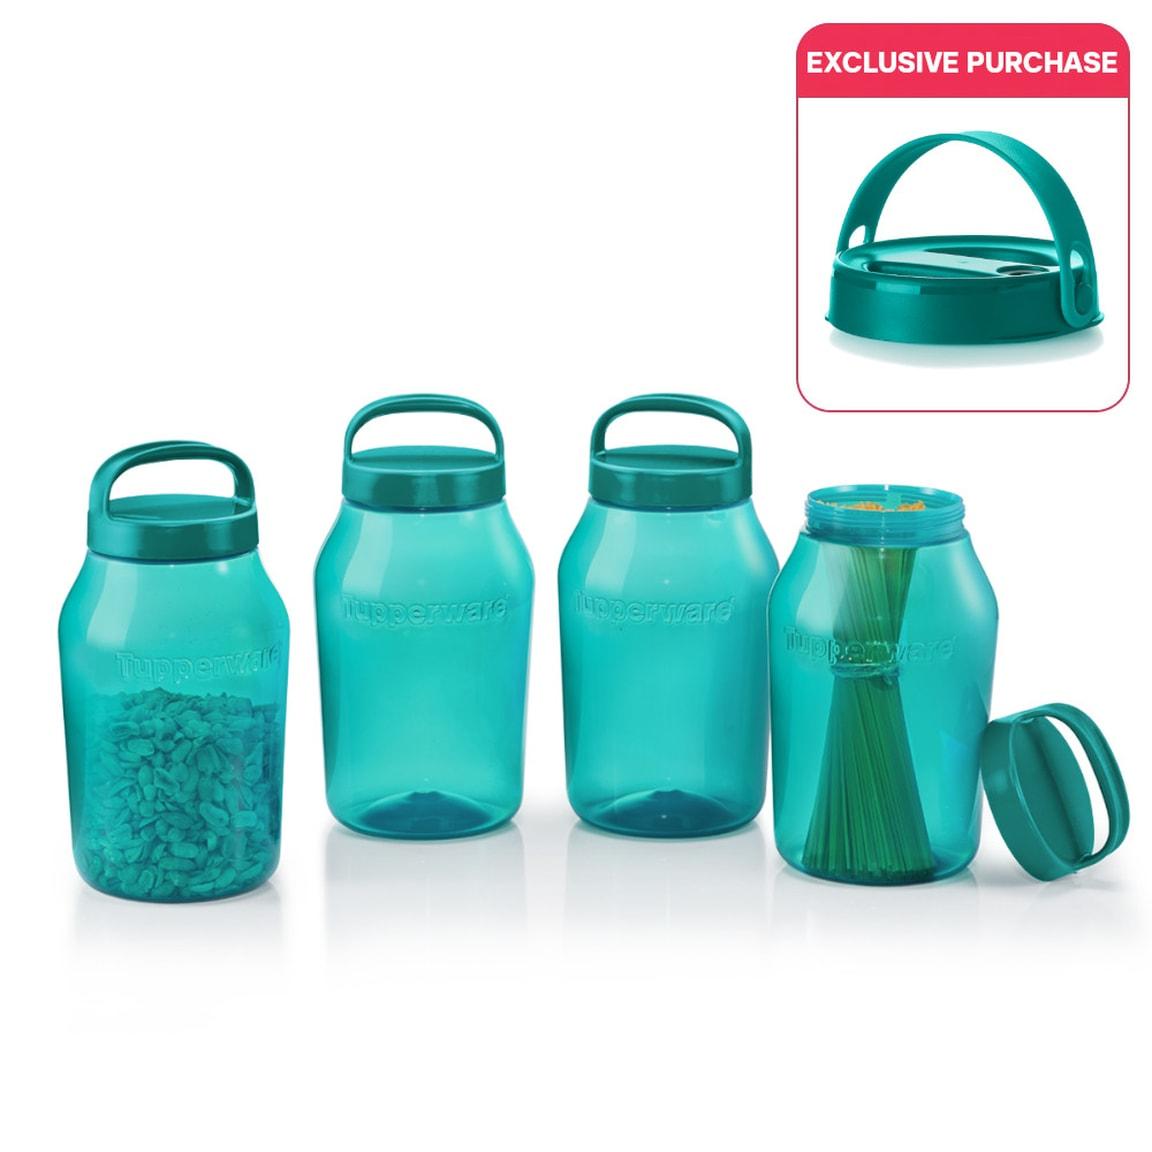 Universal Jar (4) 3.0L